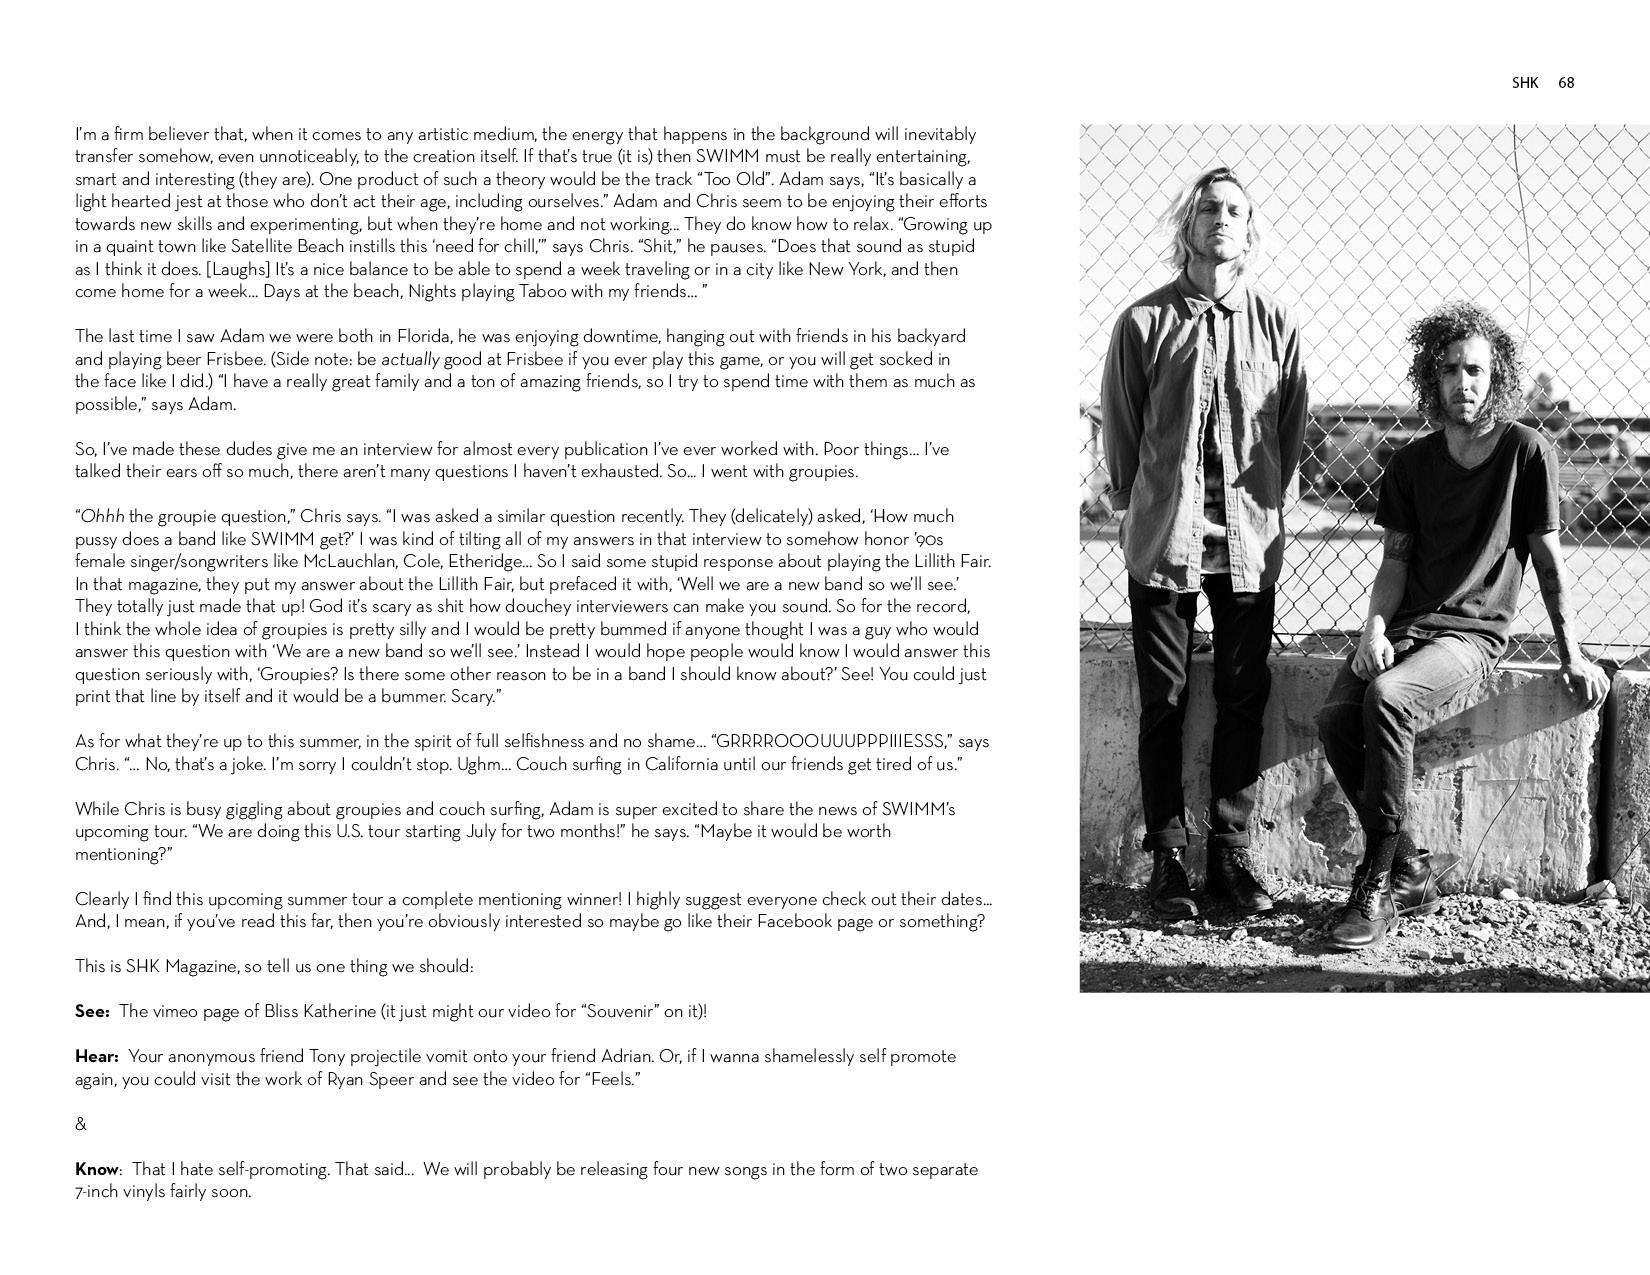 SHK-Summer-Issue-Summer-Needs-No-Explaination-201368.jpg